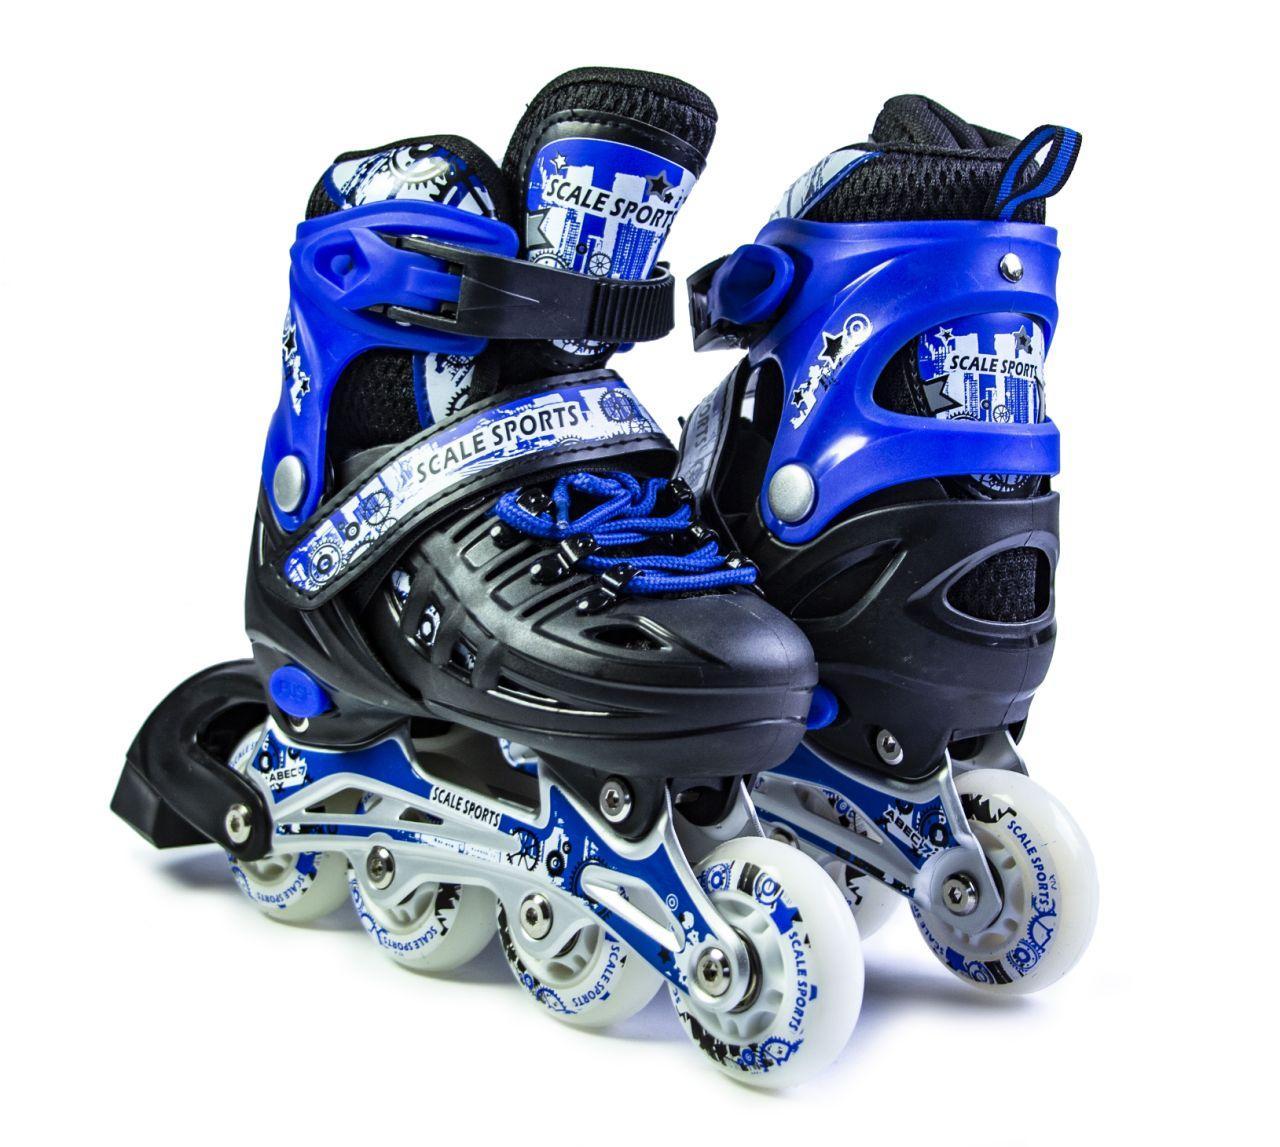 Ролики Scale Sport Blue, размер 38-42